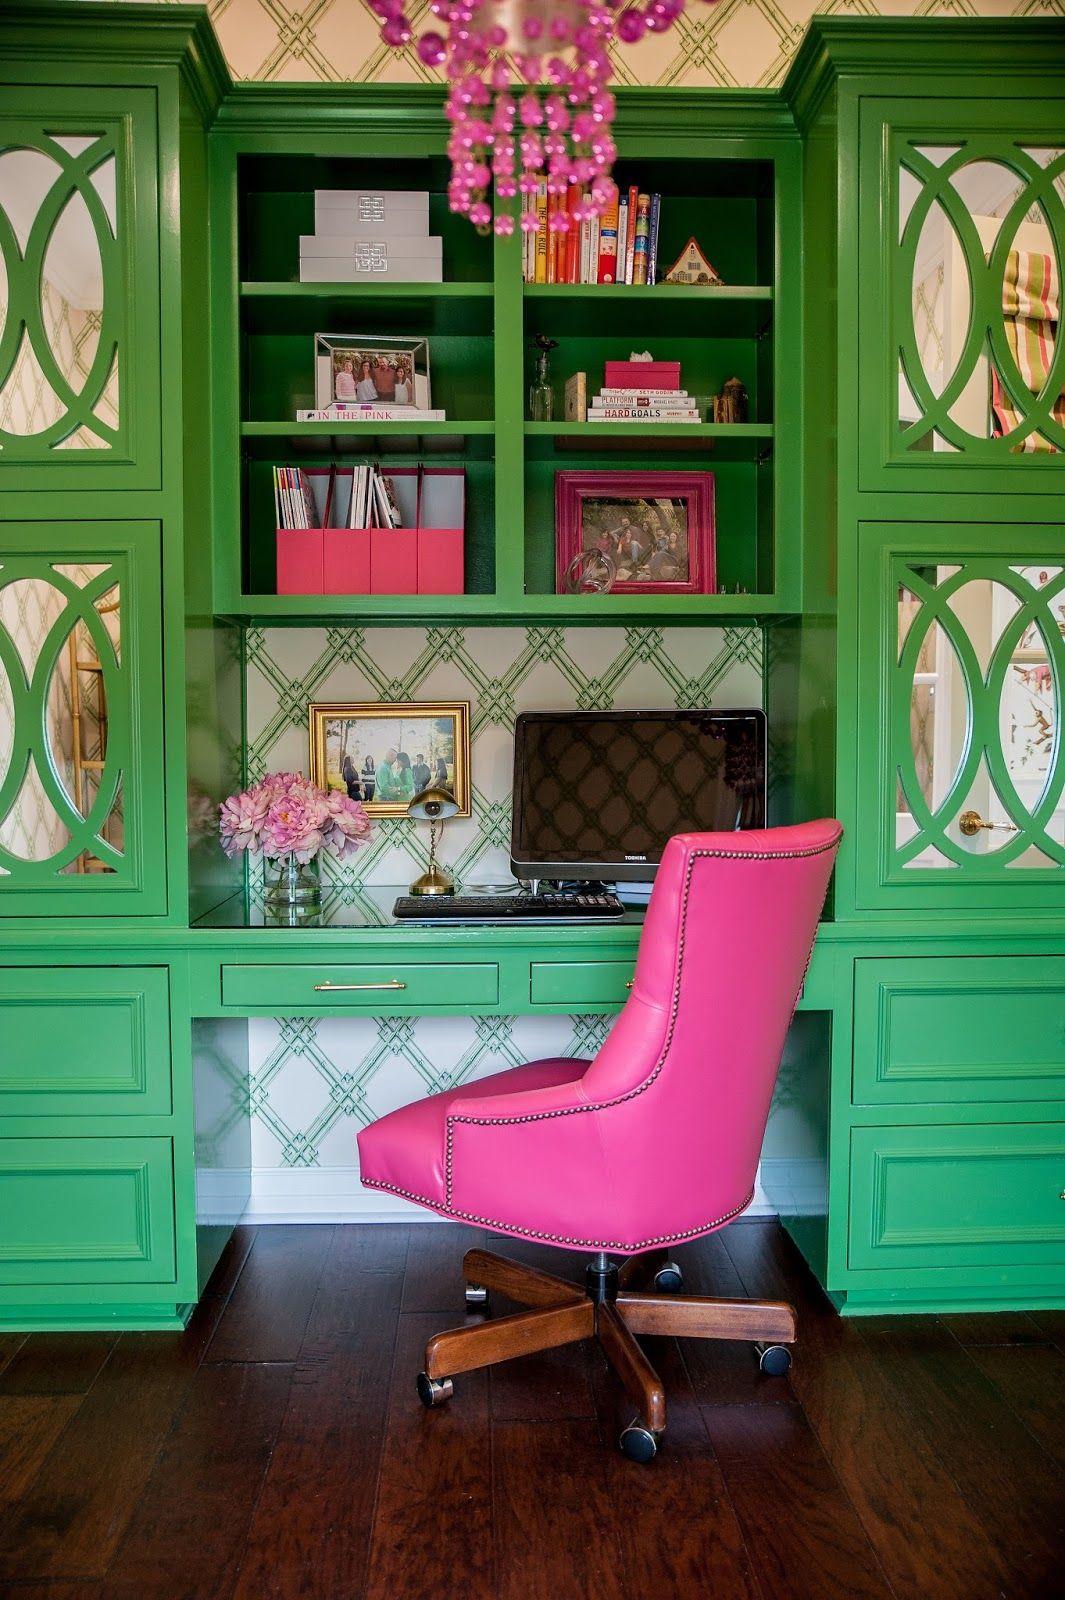 Home Sweet Home Pink POP ZsaZsa